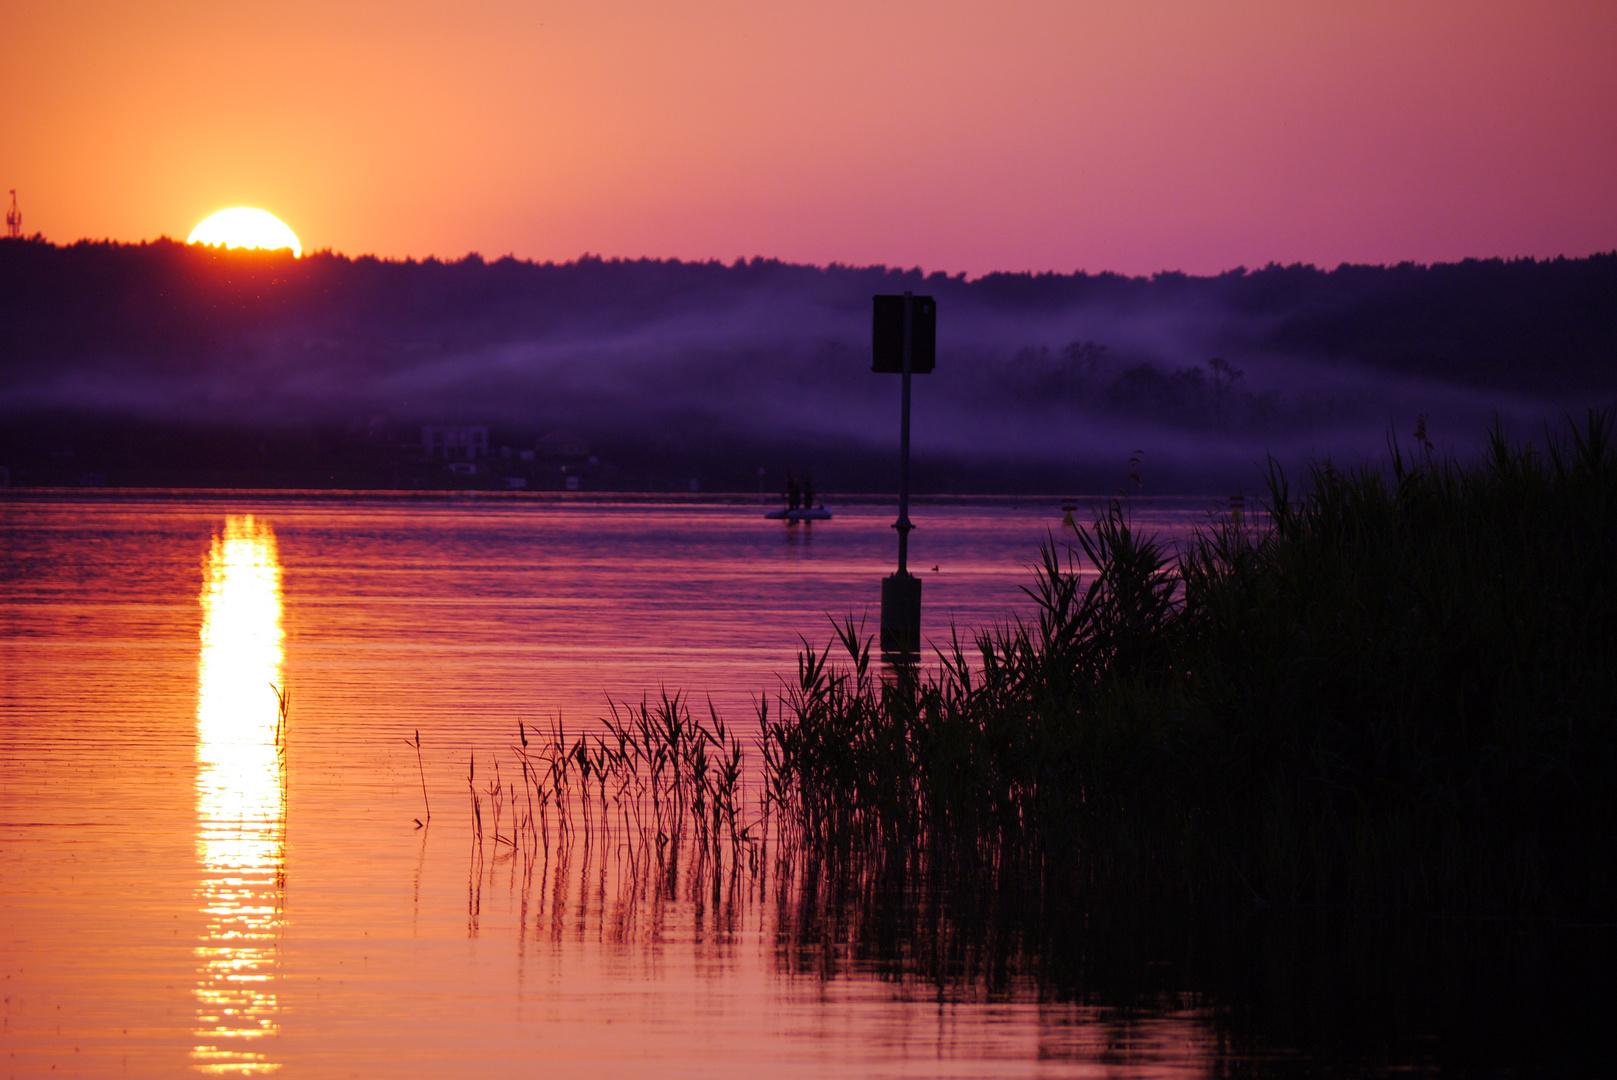 Sonnenuntergang am Schamützelsee